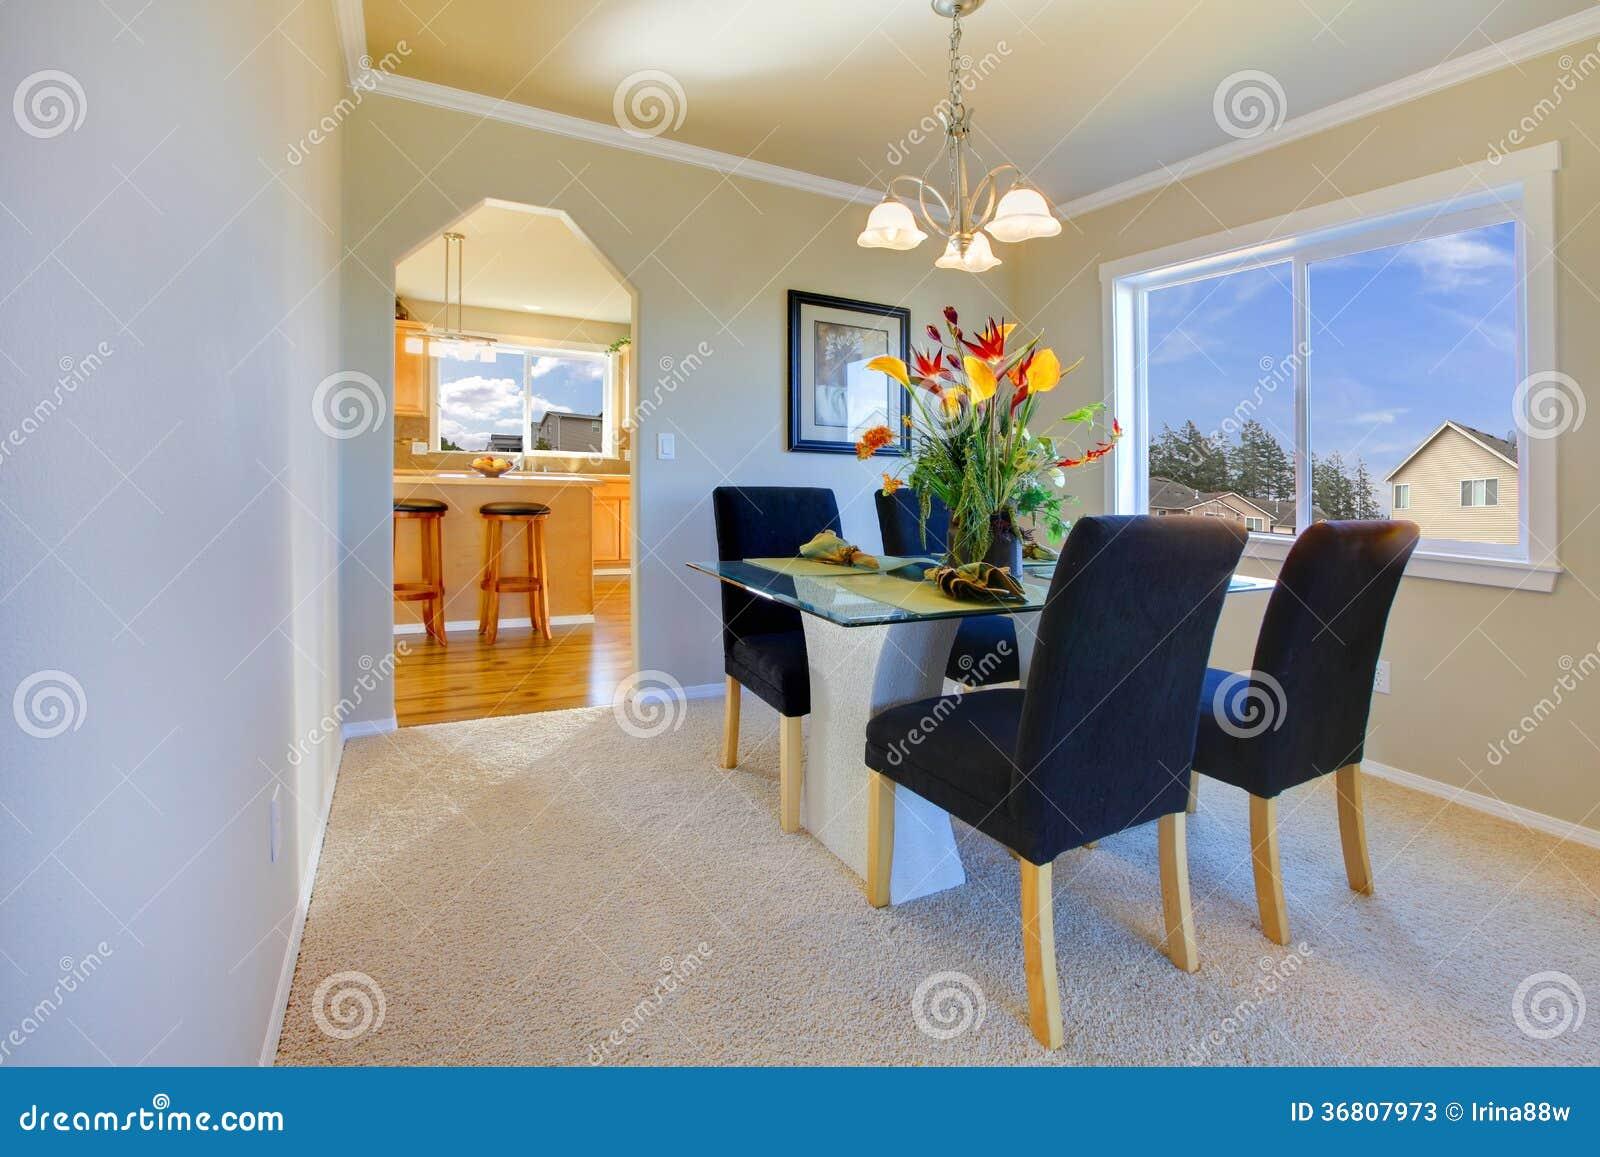 Piccola Sala Da Pranzo : Piccola sala da pranzo moderna immagine stock immagine di disegno